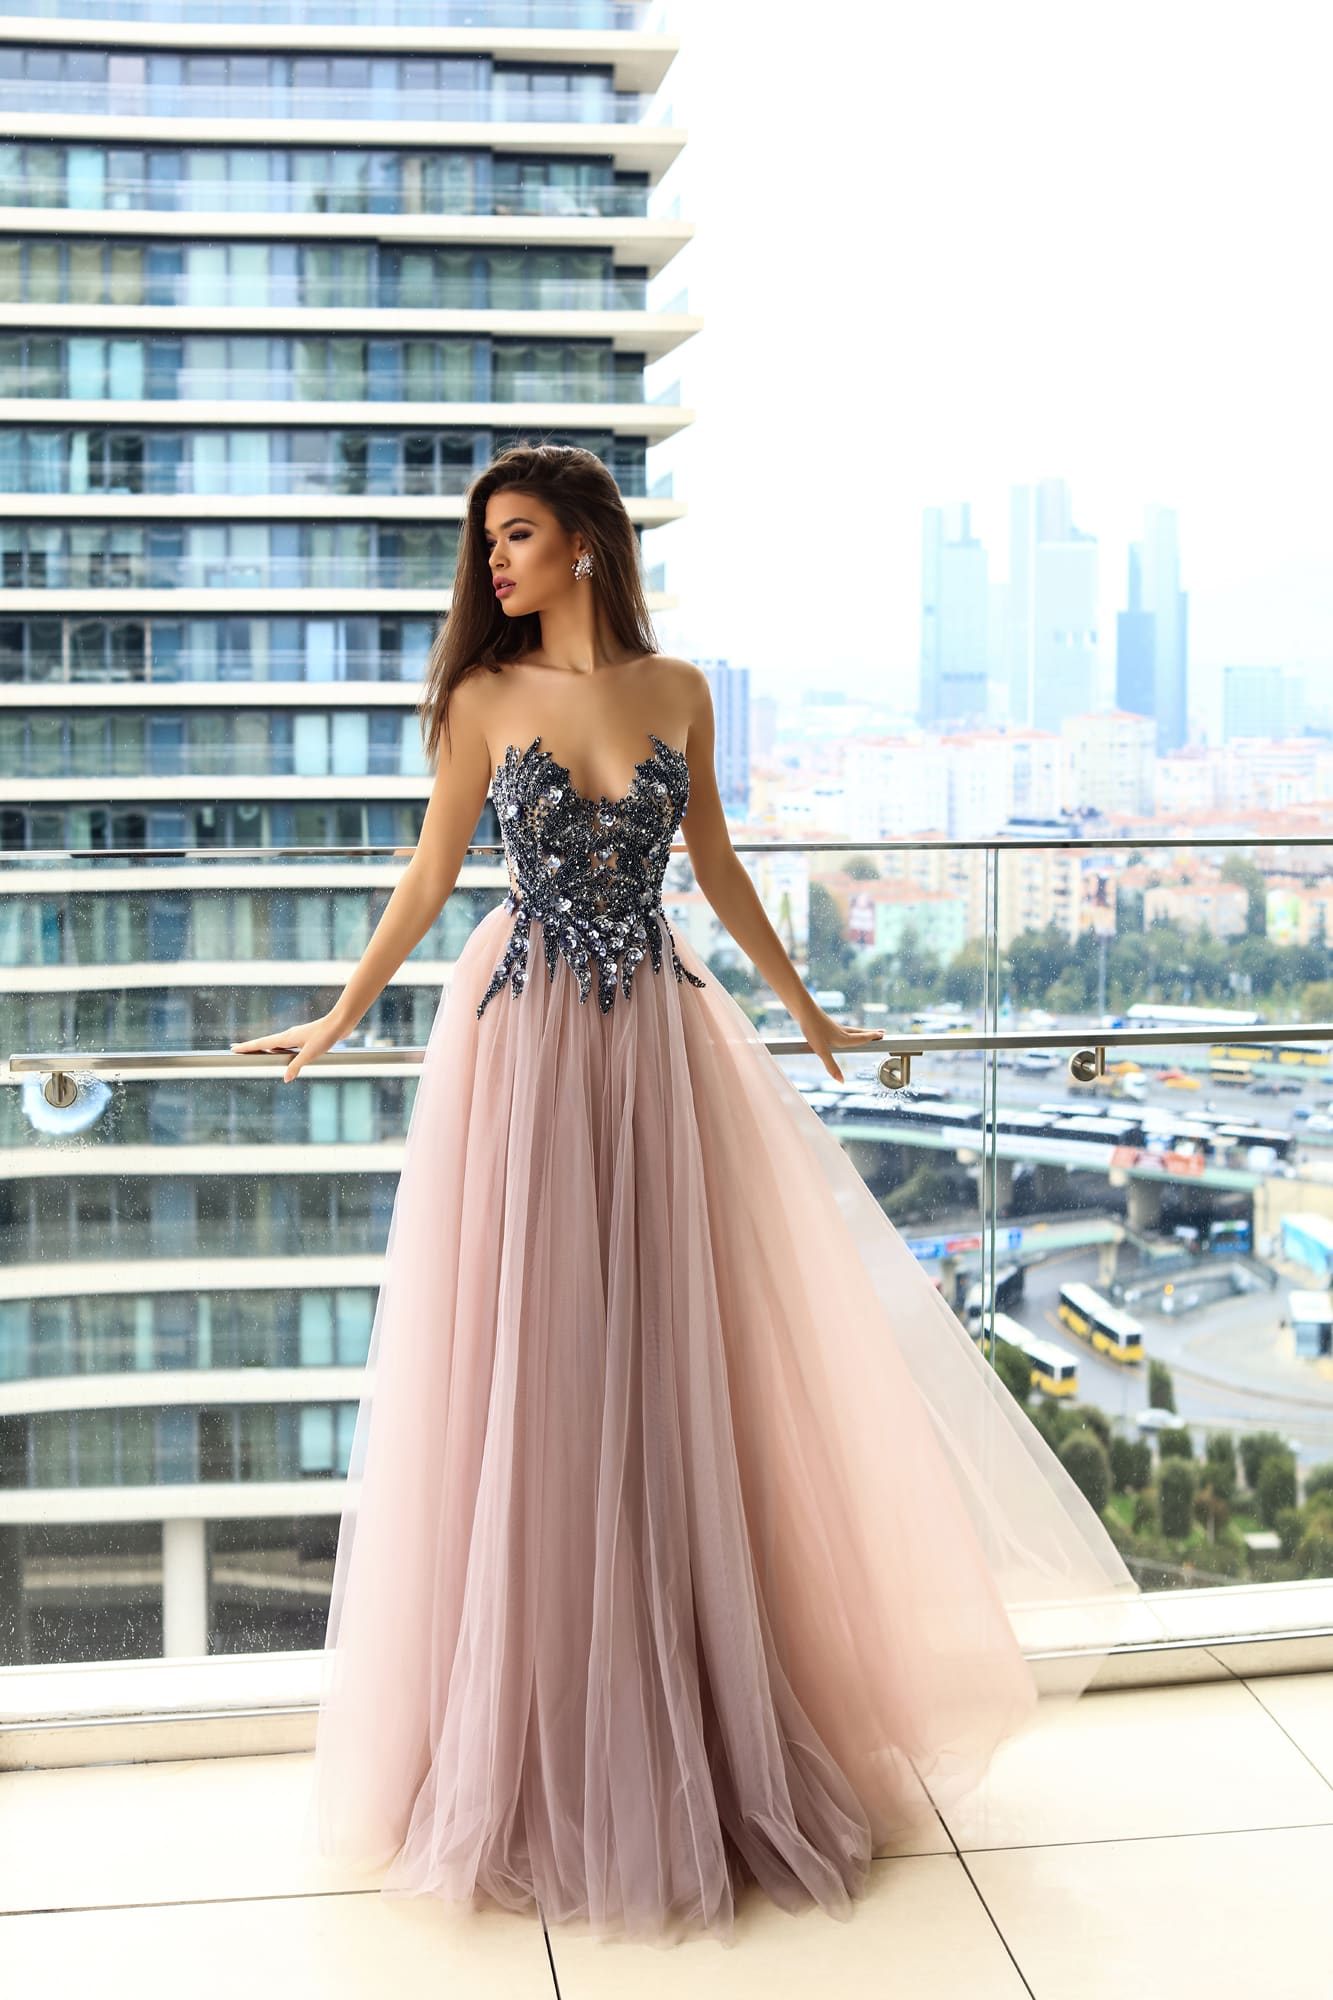 06466d2cadc Вечернее платье Daria Karlozi Vega с корсетом ▷ Свадебный Торговый ...